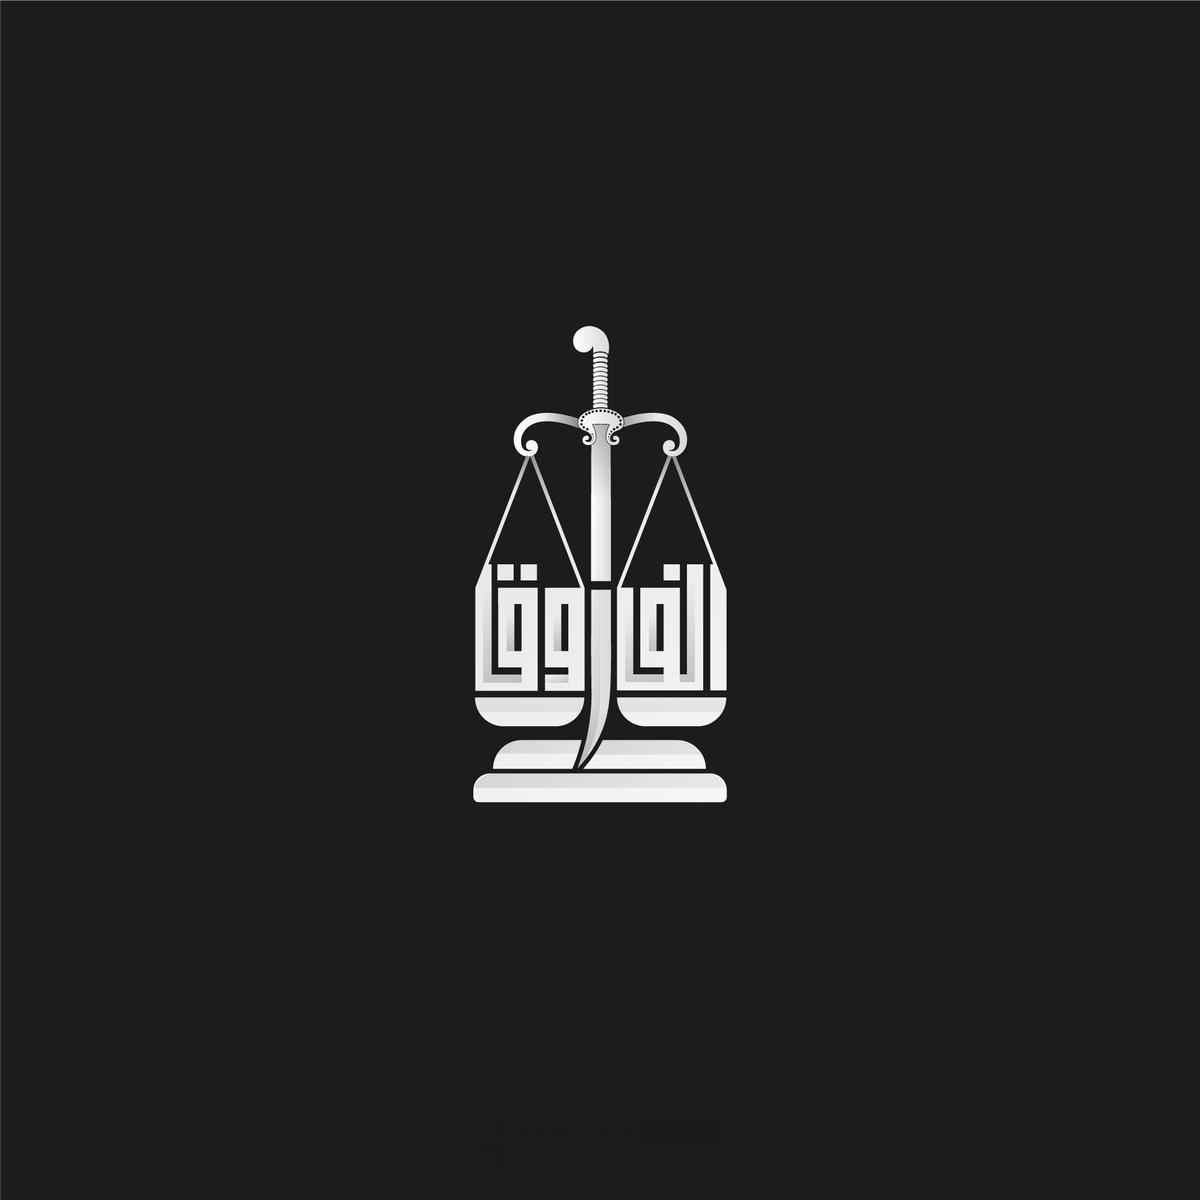 قصص قصيرة عن سيدنا عمر بن الخطاب في خلافة أبي بكر الصديق